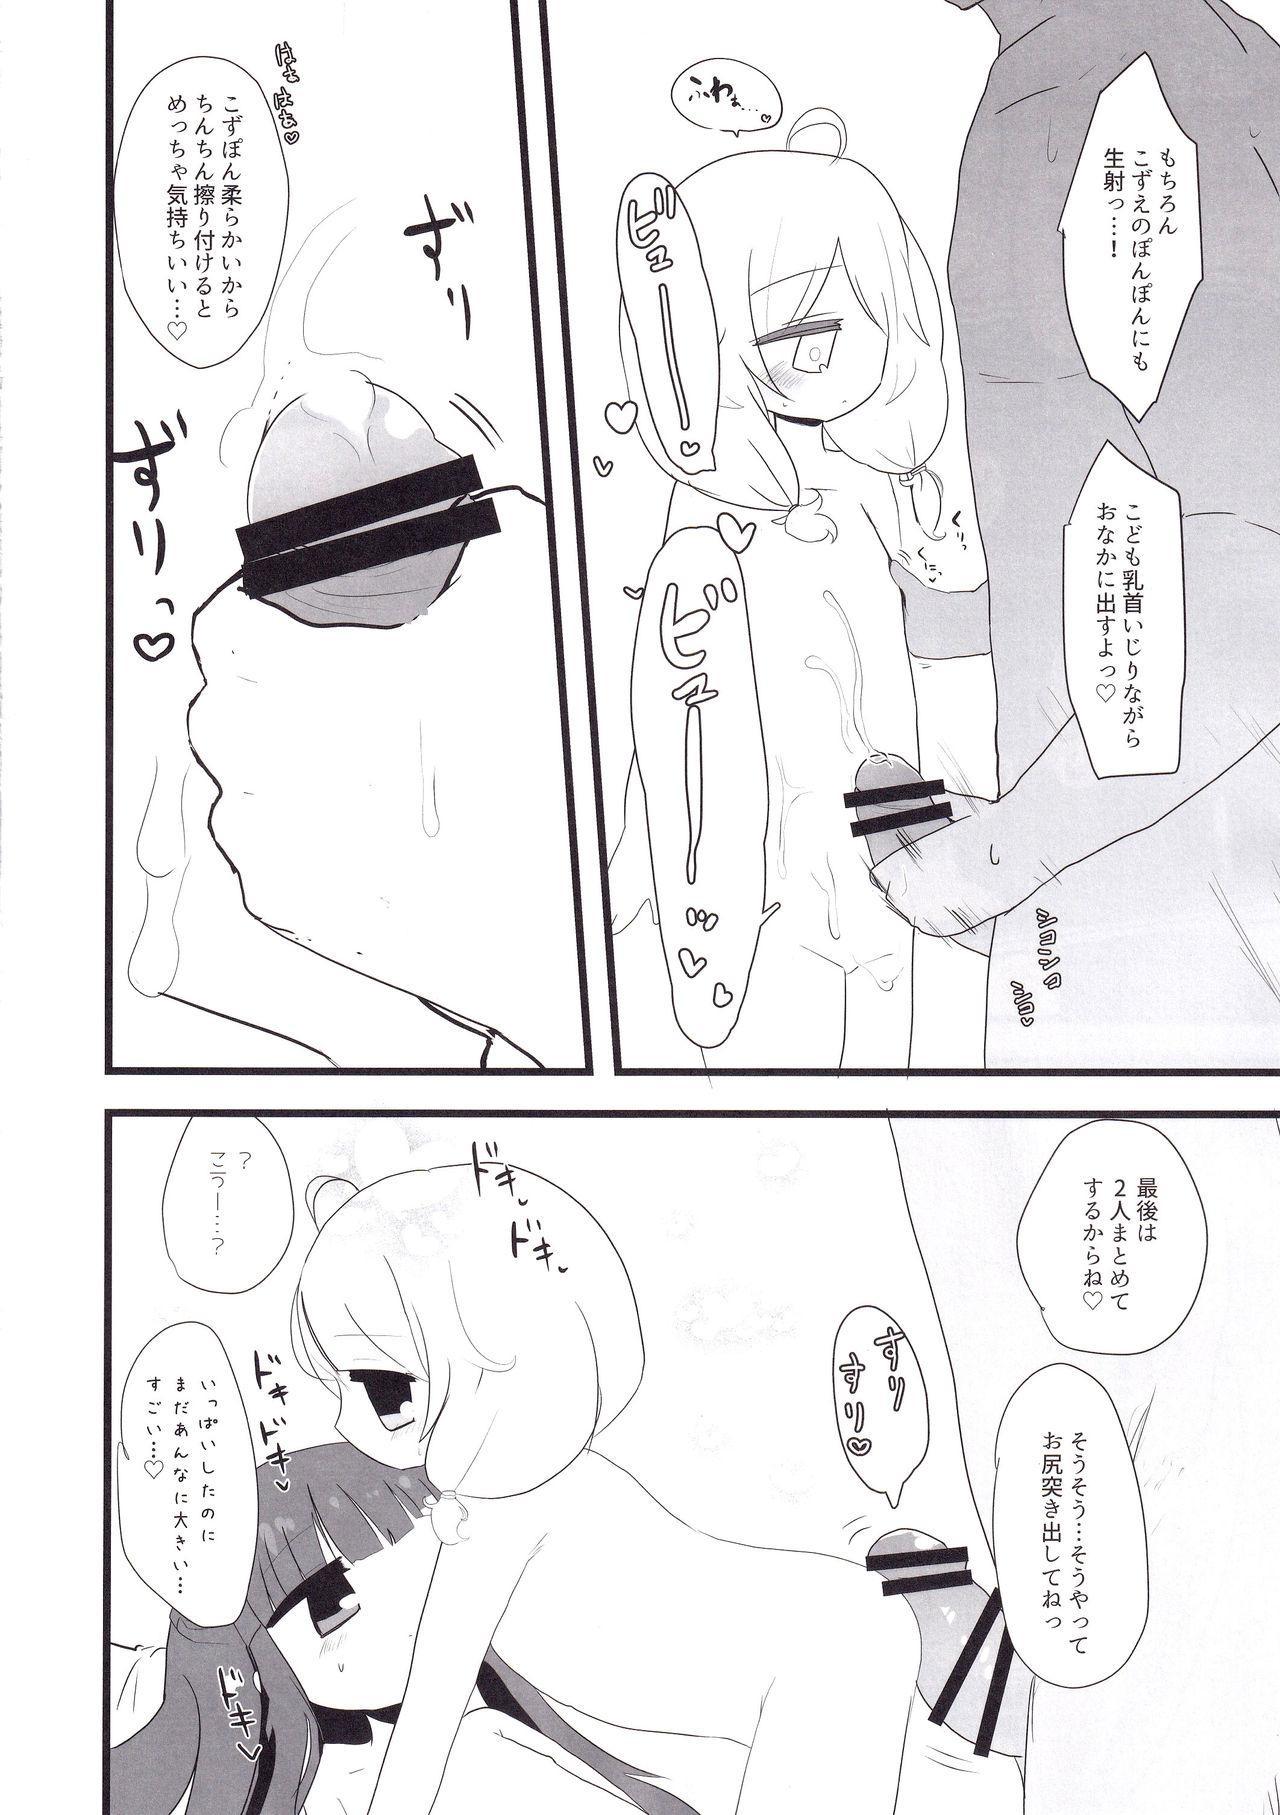 Yukimi to Kozue to Lolicon P to 26